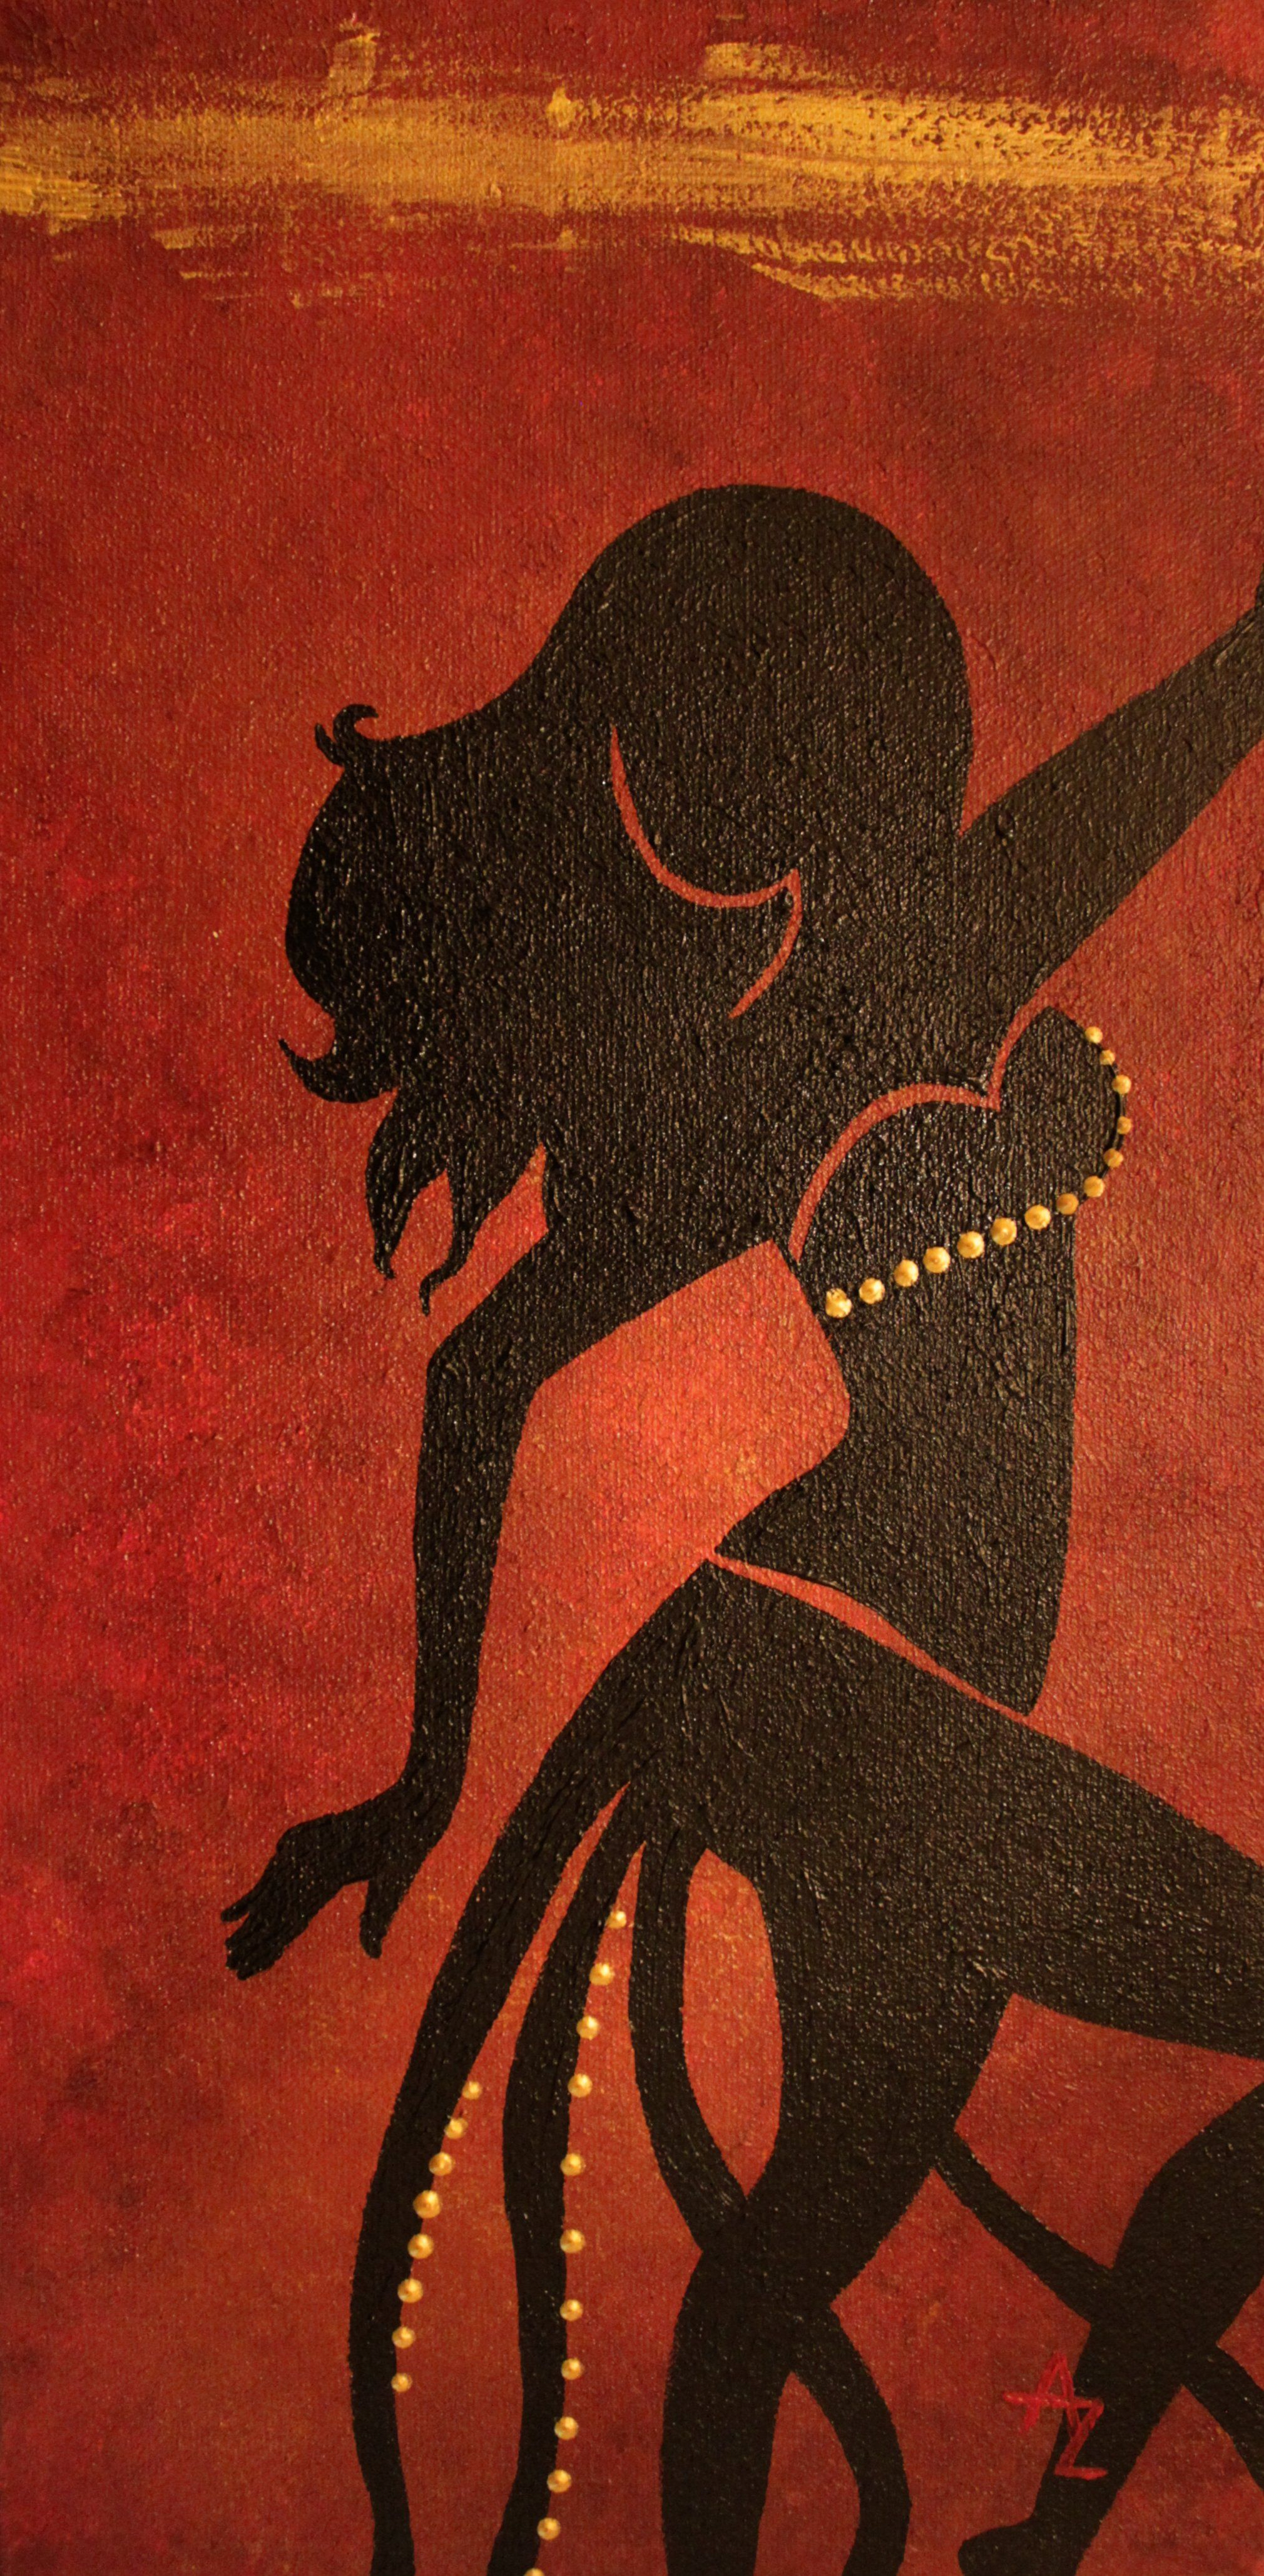 a3cce6b79c19 Peinture silhouette de danseuse orientale. Peintre   Audrey Laprade -  Bellydancer painting. Painter   Audrey Laprade.  baladi  bellydance   peinture   ...